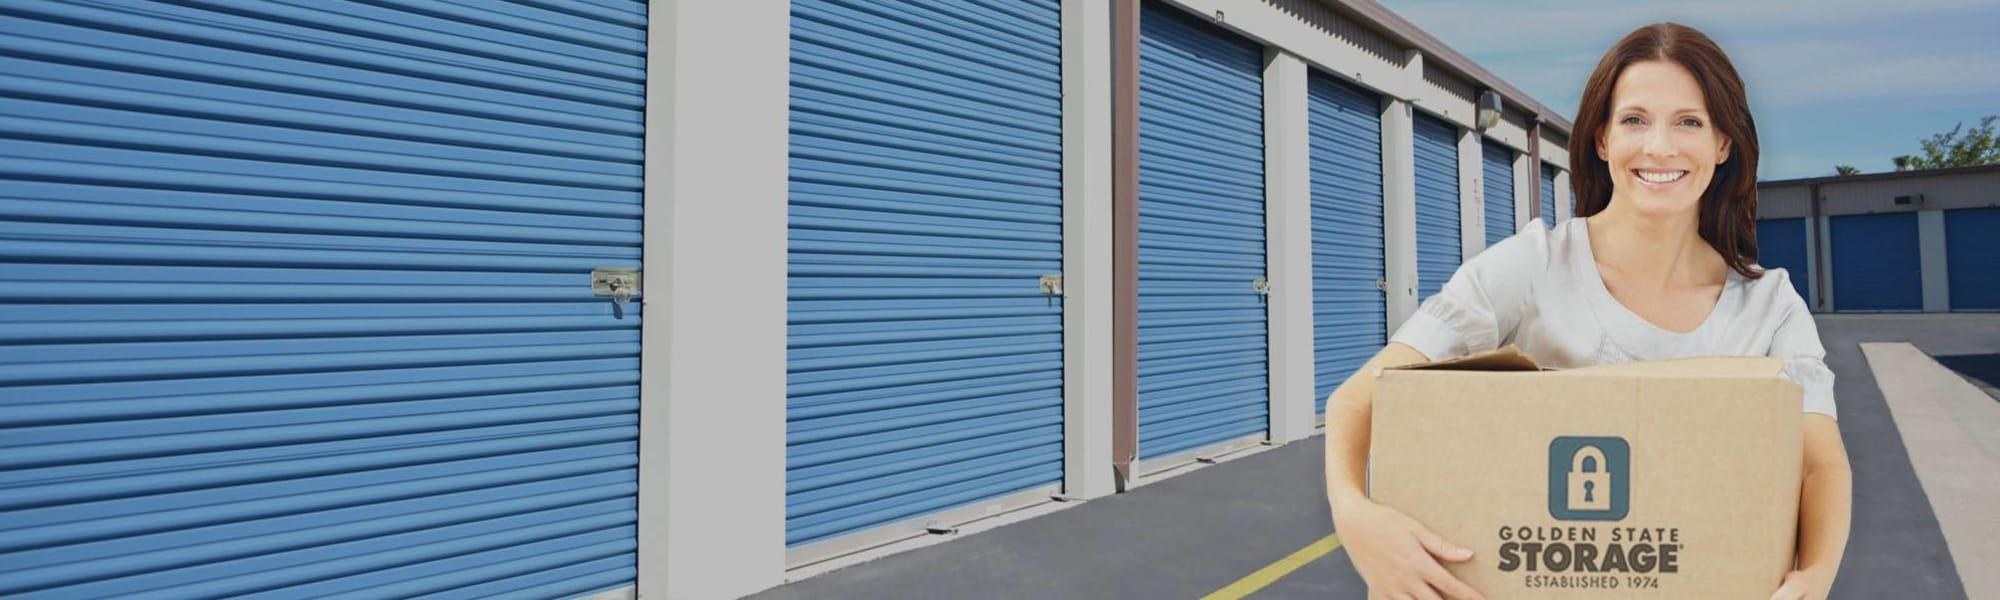 RV & Boat storage at Golden State Storage - Camarillo in Camarillo, California